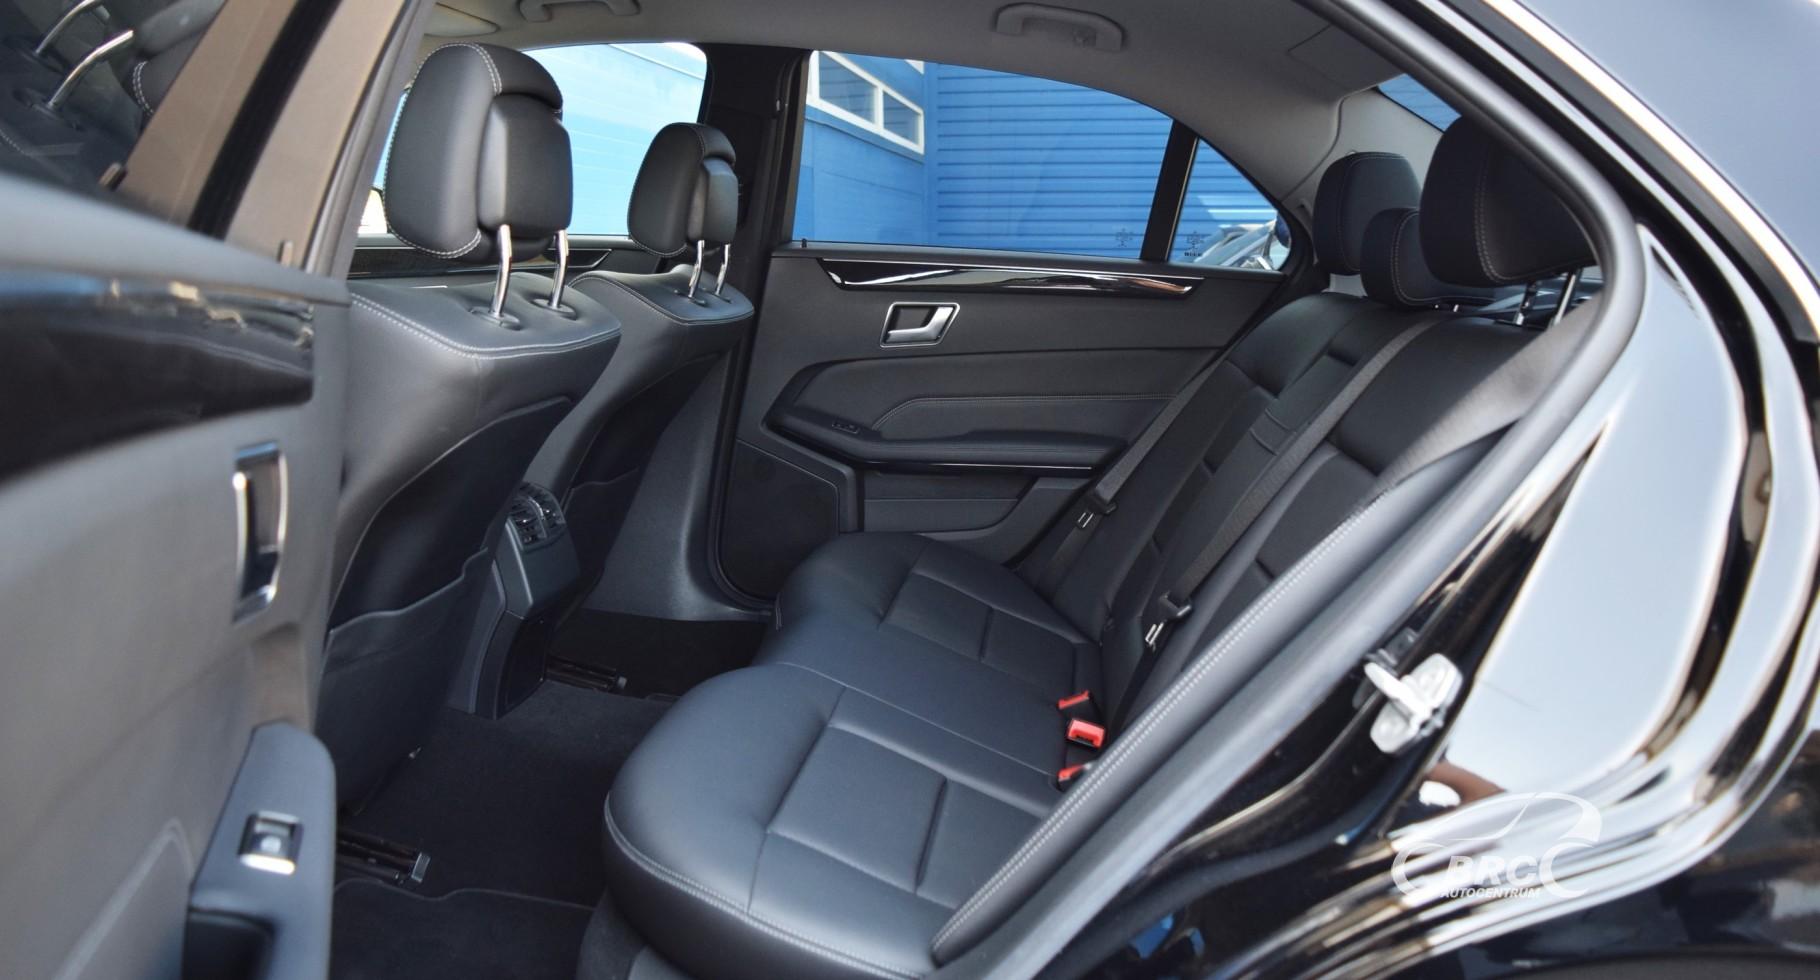 Mercedes-Benz E 220 CDI Bluetec